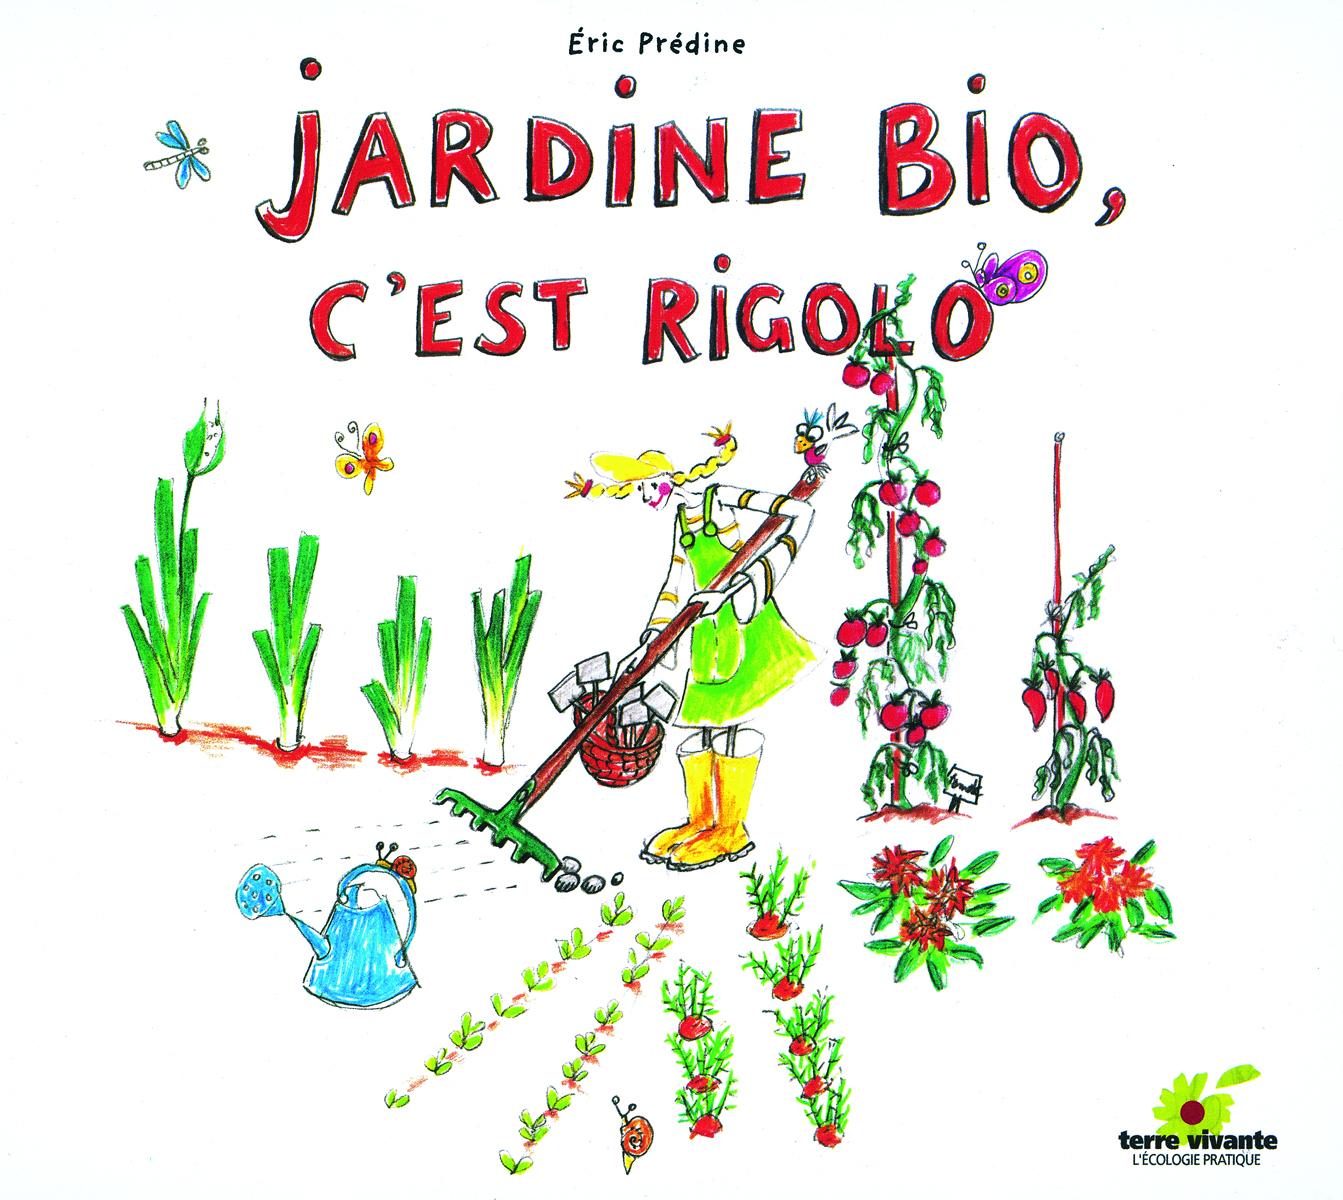 JARDINE BIO C'EST RIGOLO